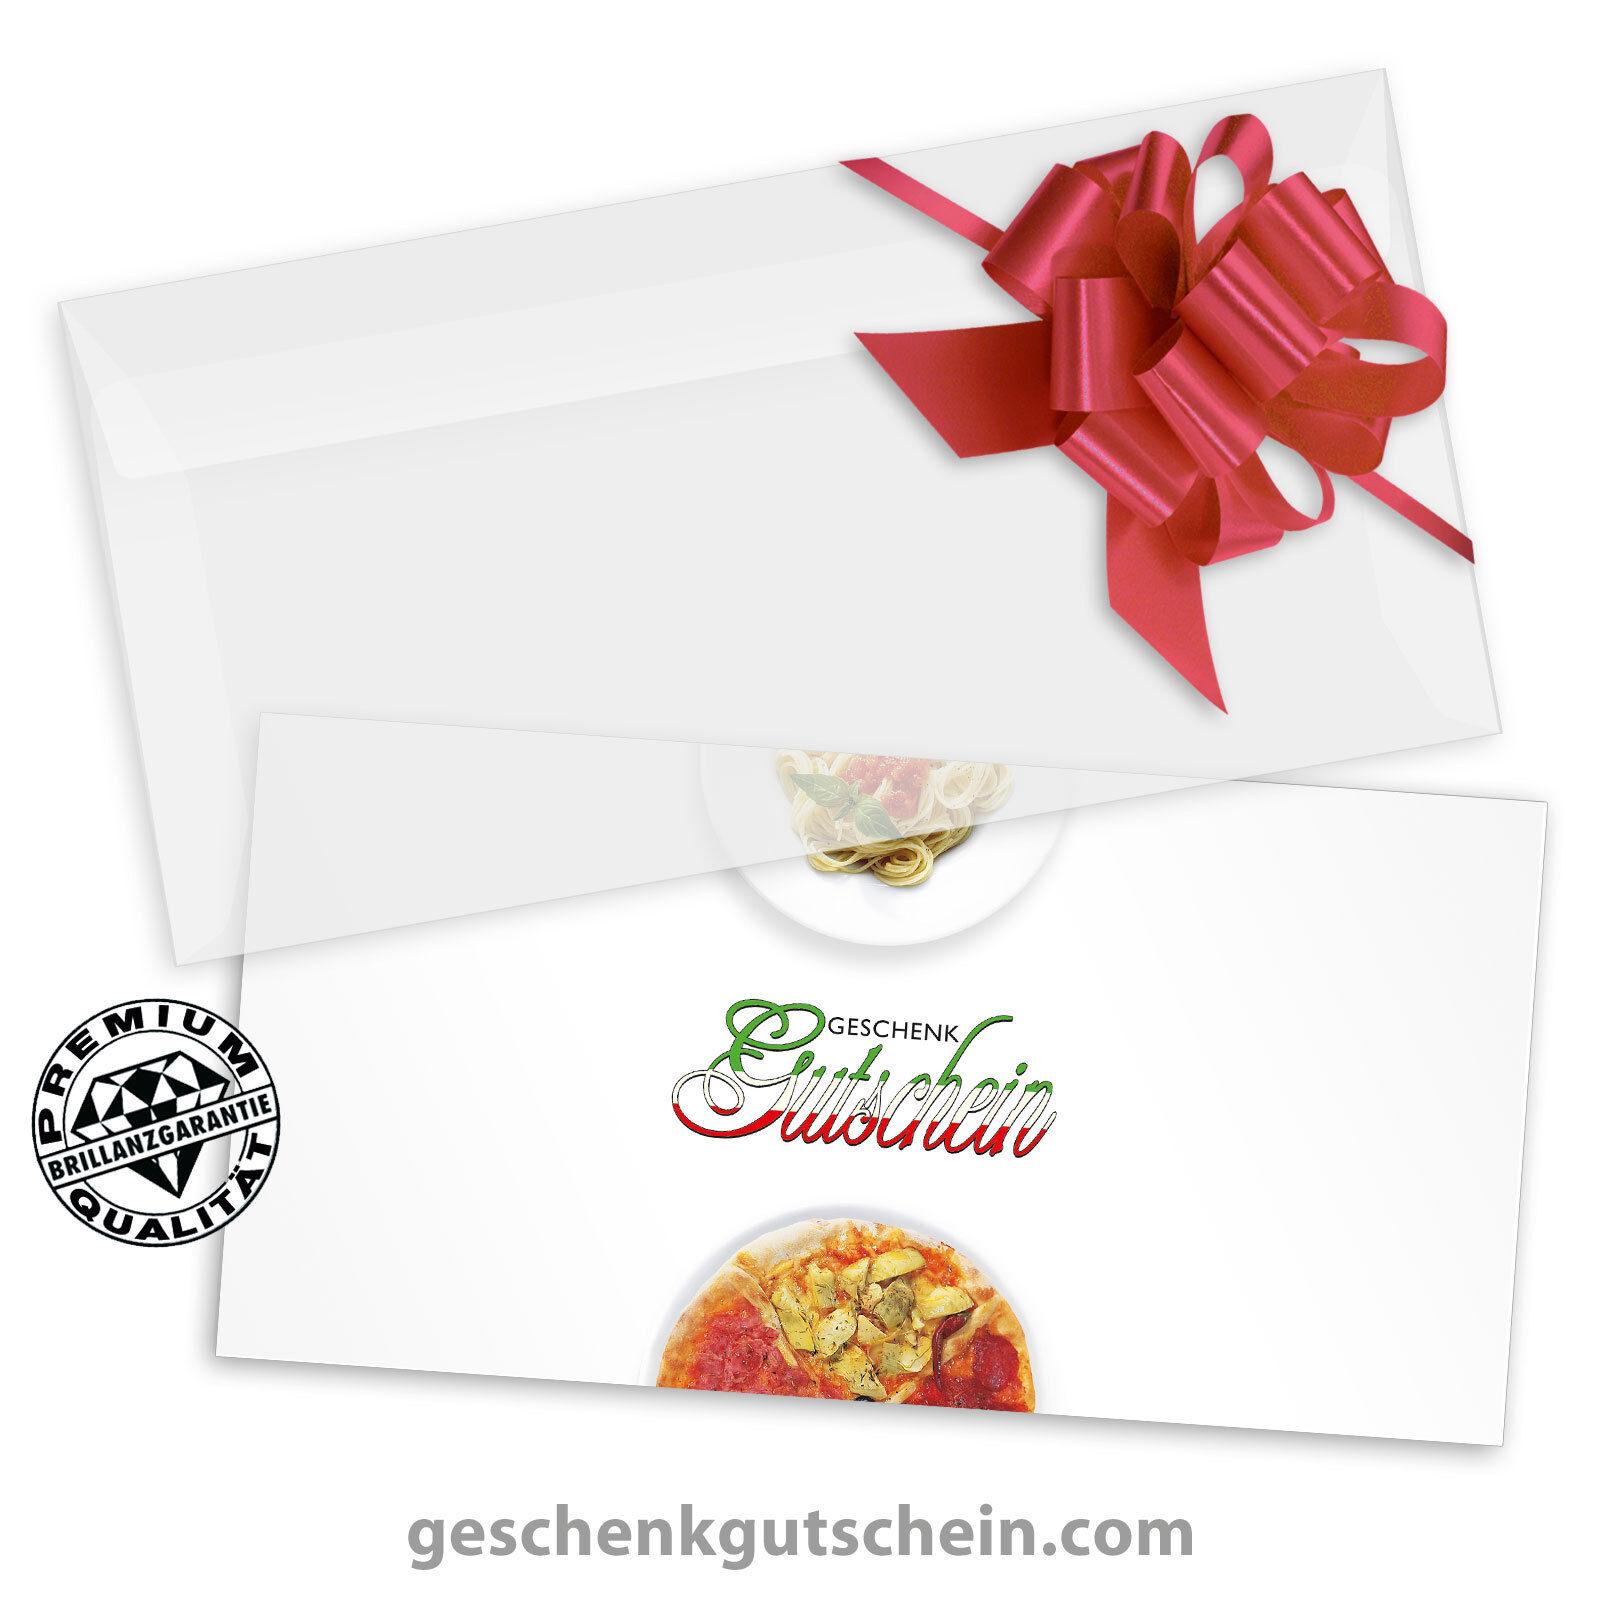 Gutscheinkarten  DINlang  mit KuGrüns und Schleifen für Italienische Rest. G9204